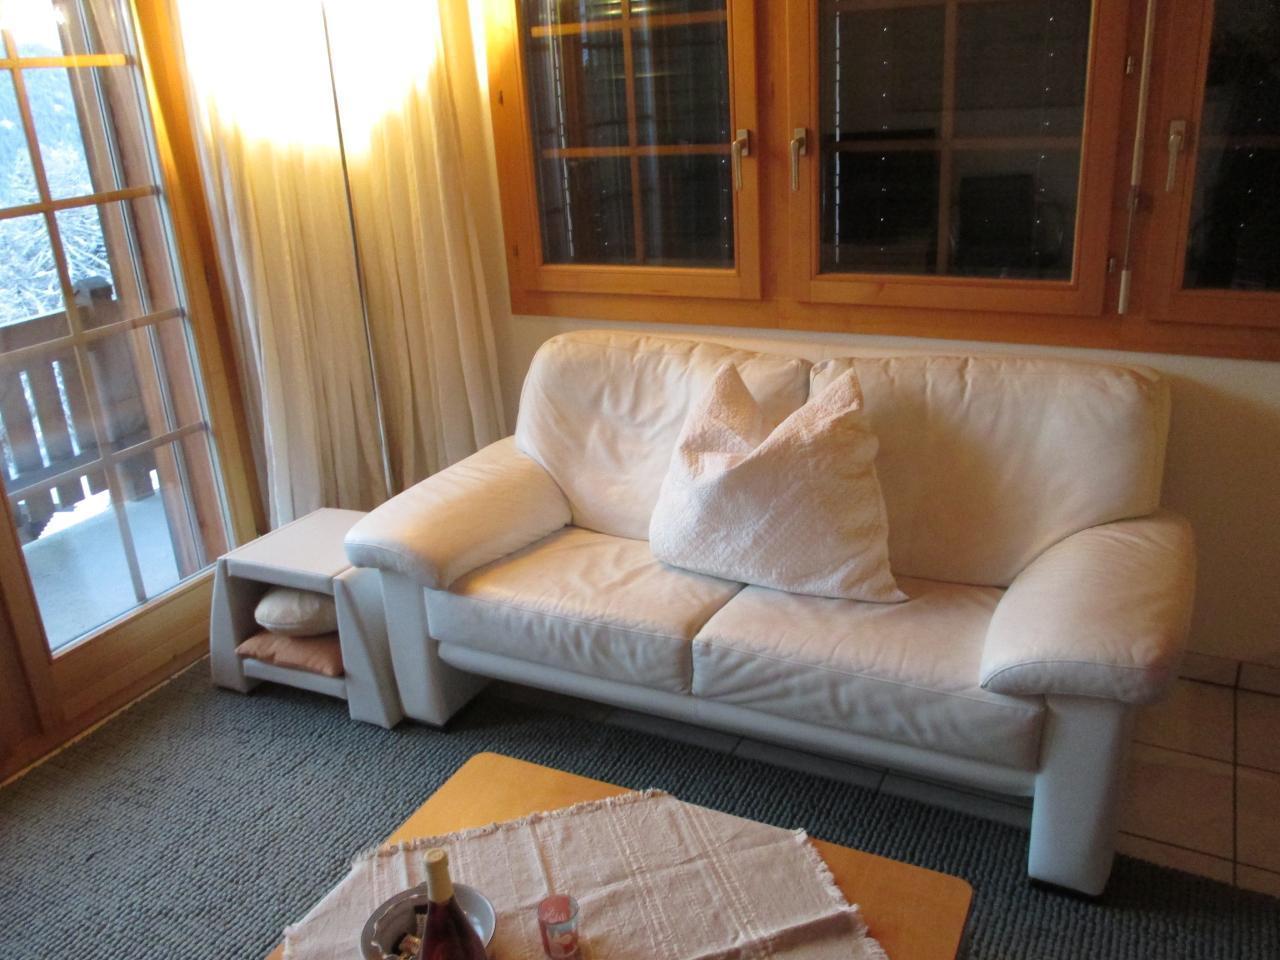 Appartement de vacances Fewo Belstar DG West (2542780), Bellwald, Aletsch - Conches, Valais, Suisse, image 7